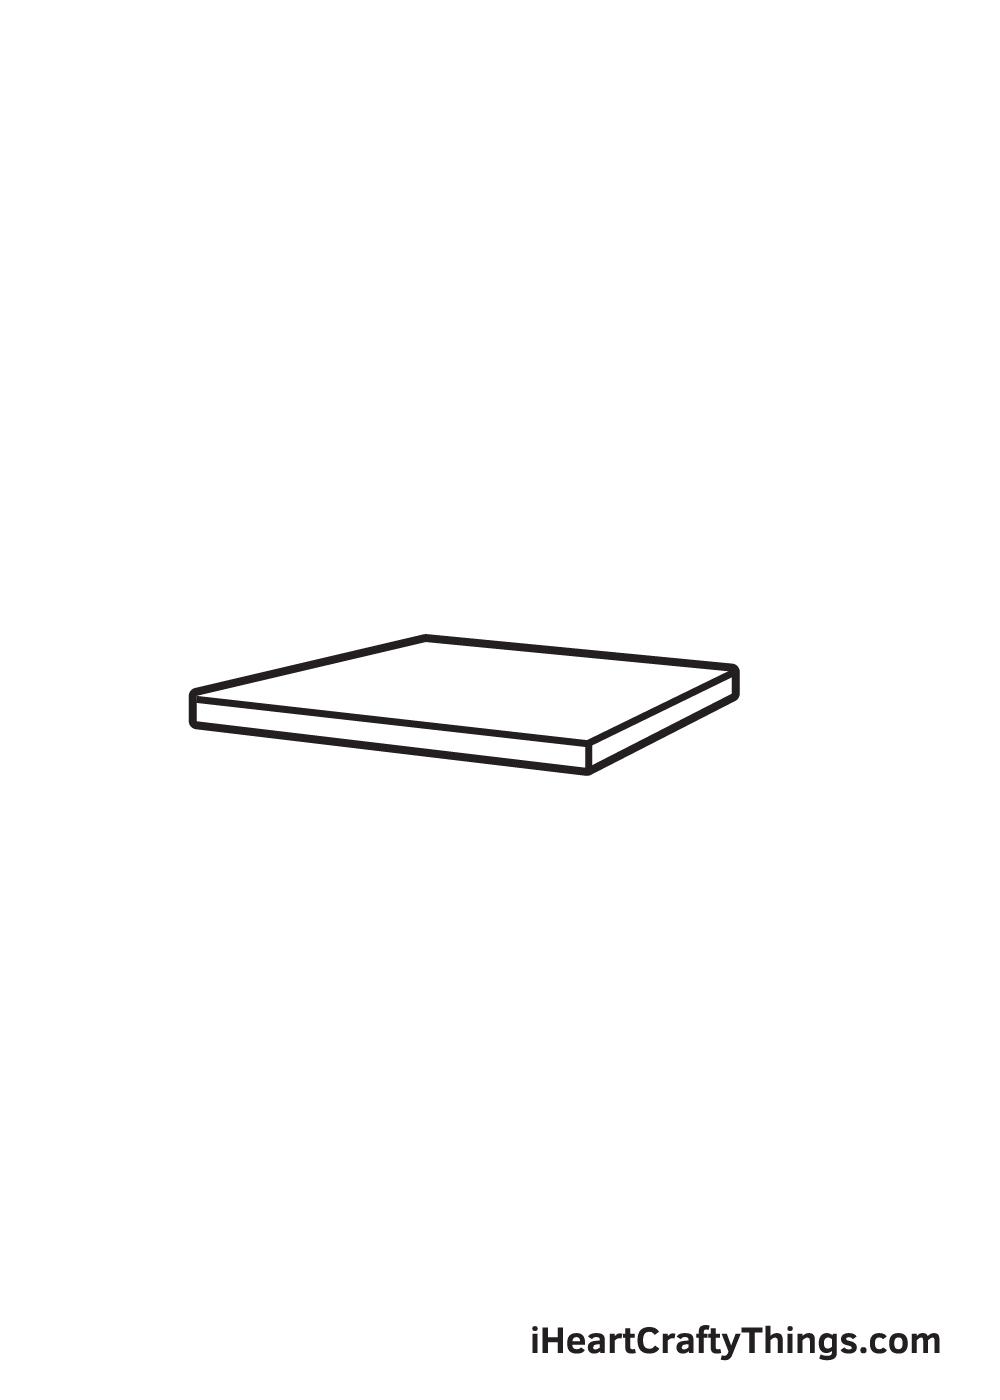 Vẽ ghế - Bước 1